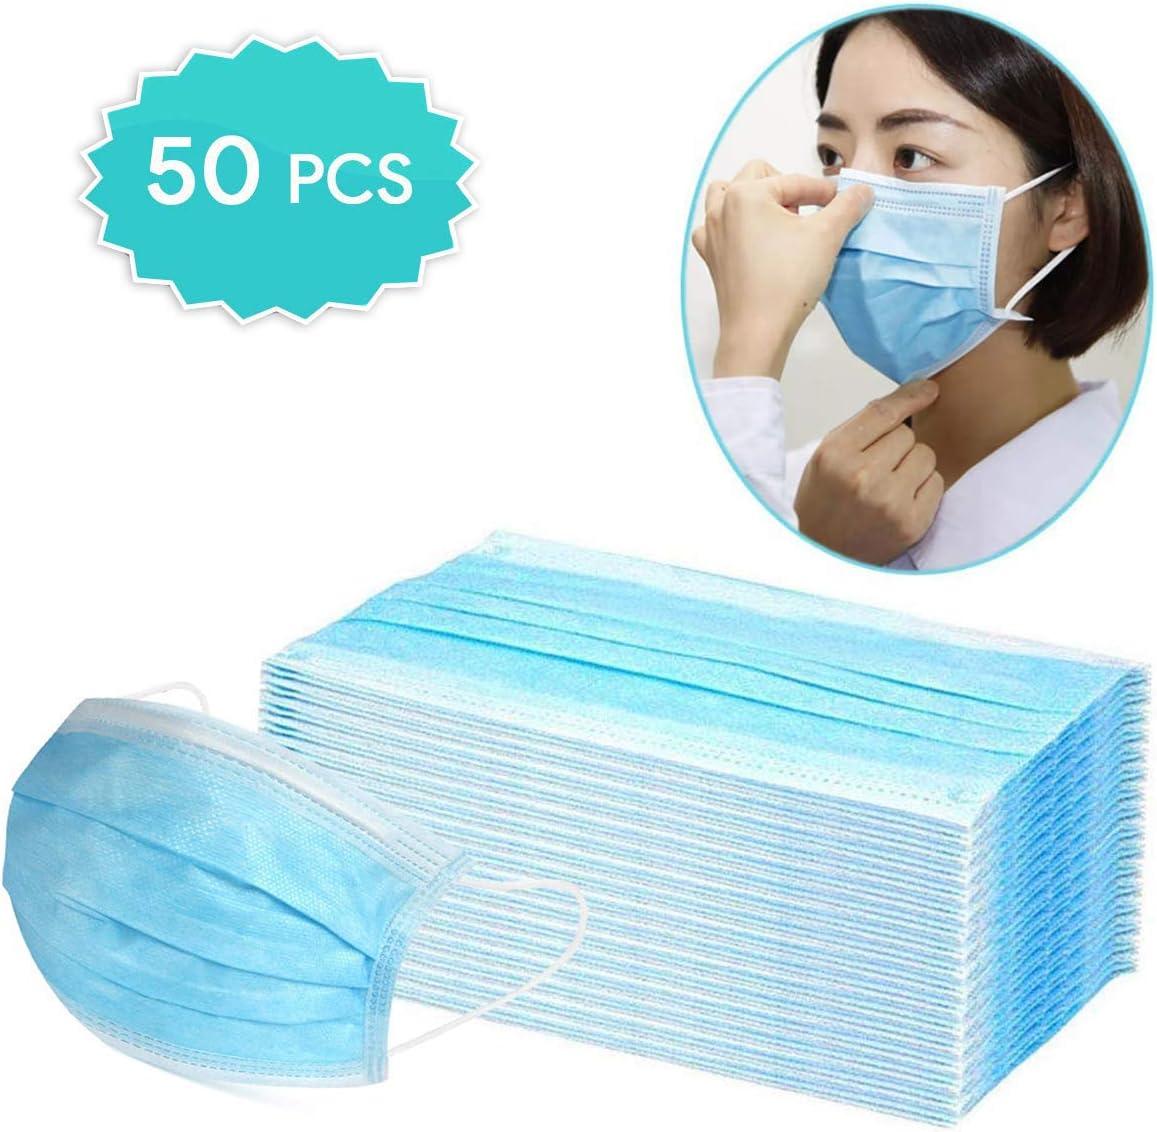 Dispositivos para protección diaria contra el polvo, almohadillas finas desechables con bucles elásticos para los oídos, almohadillas de seguridad desechables que cubren la mitad de la cara